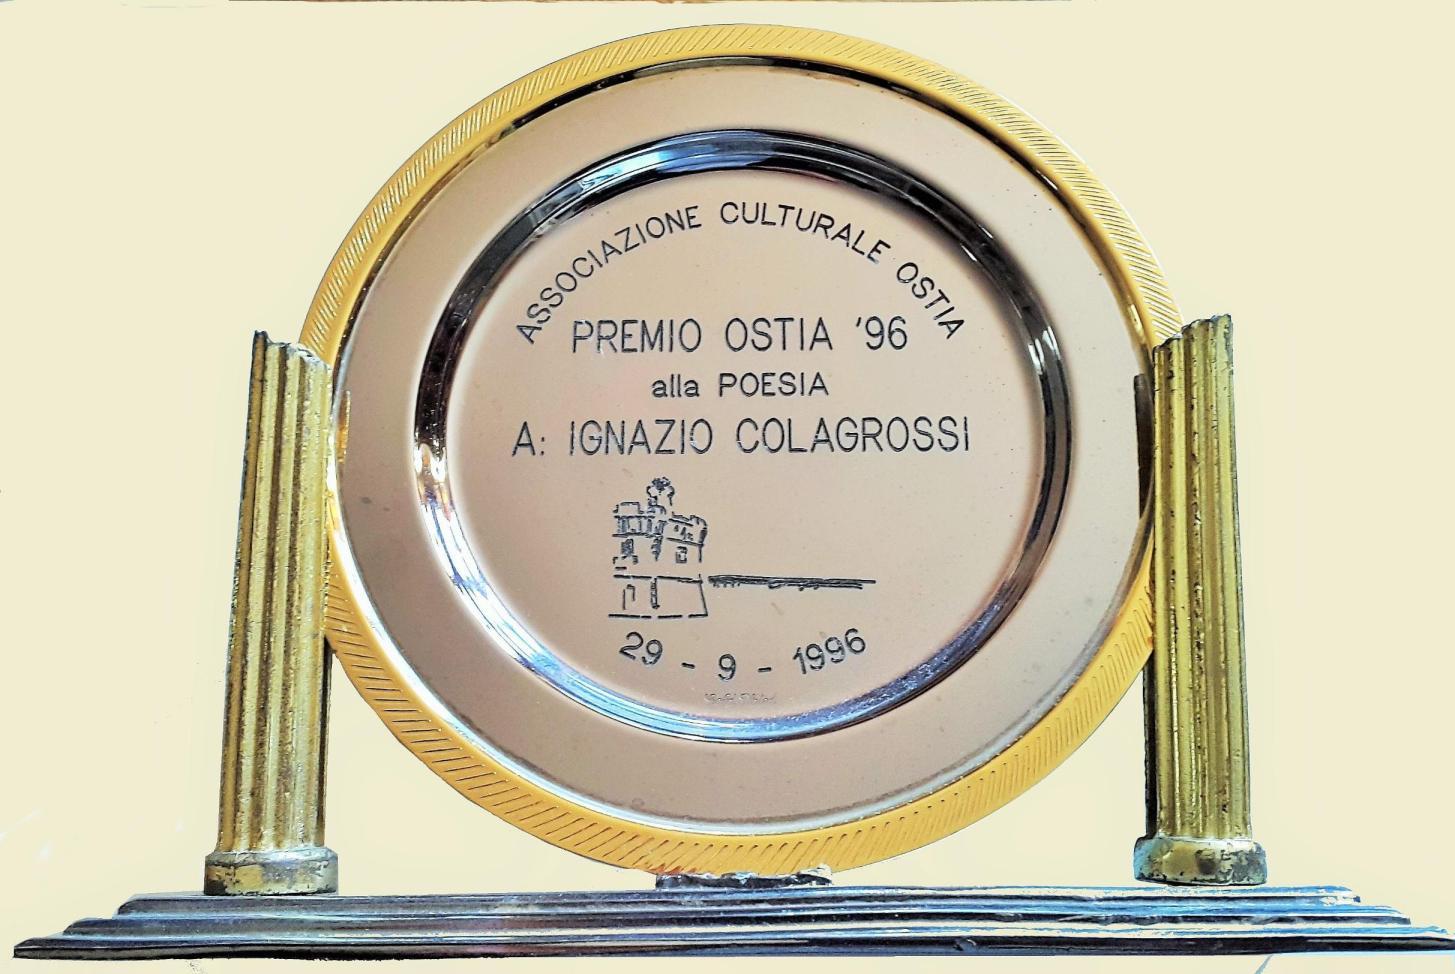 29 settembre 1996 VIII ma Edizione Premio OSTIA targa